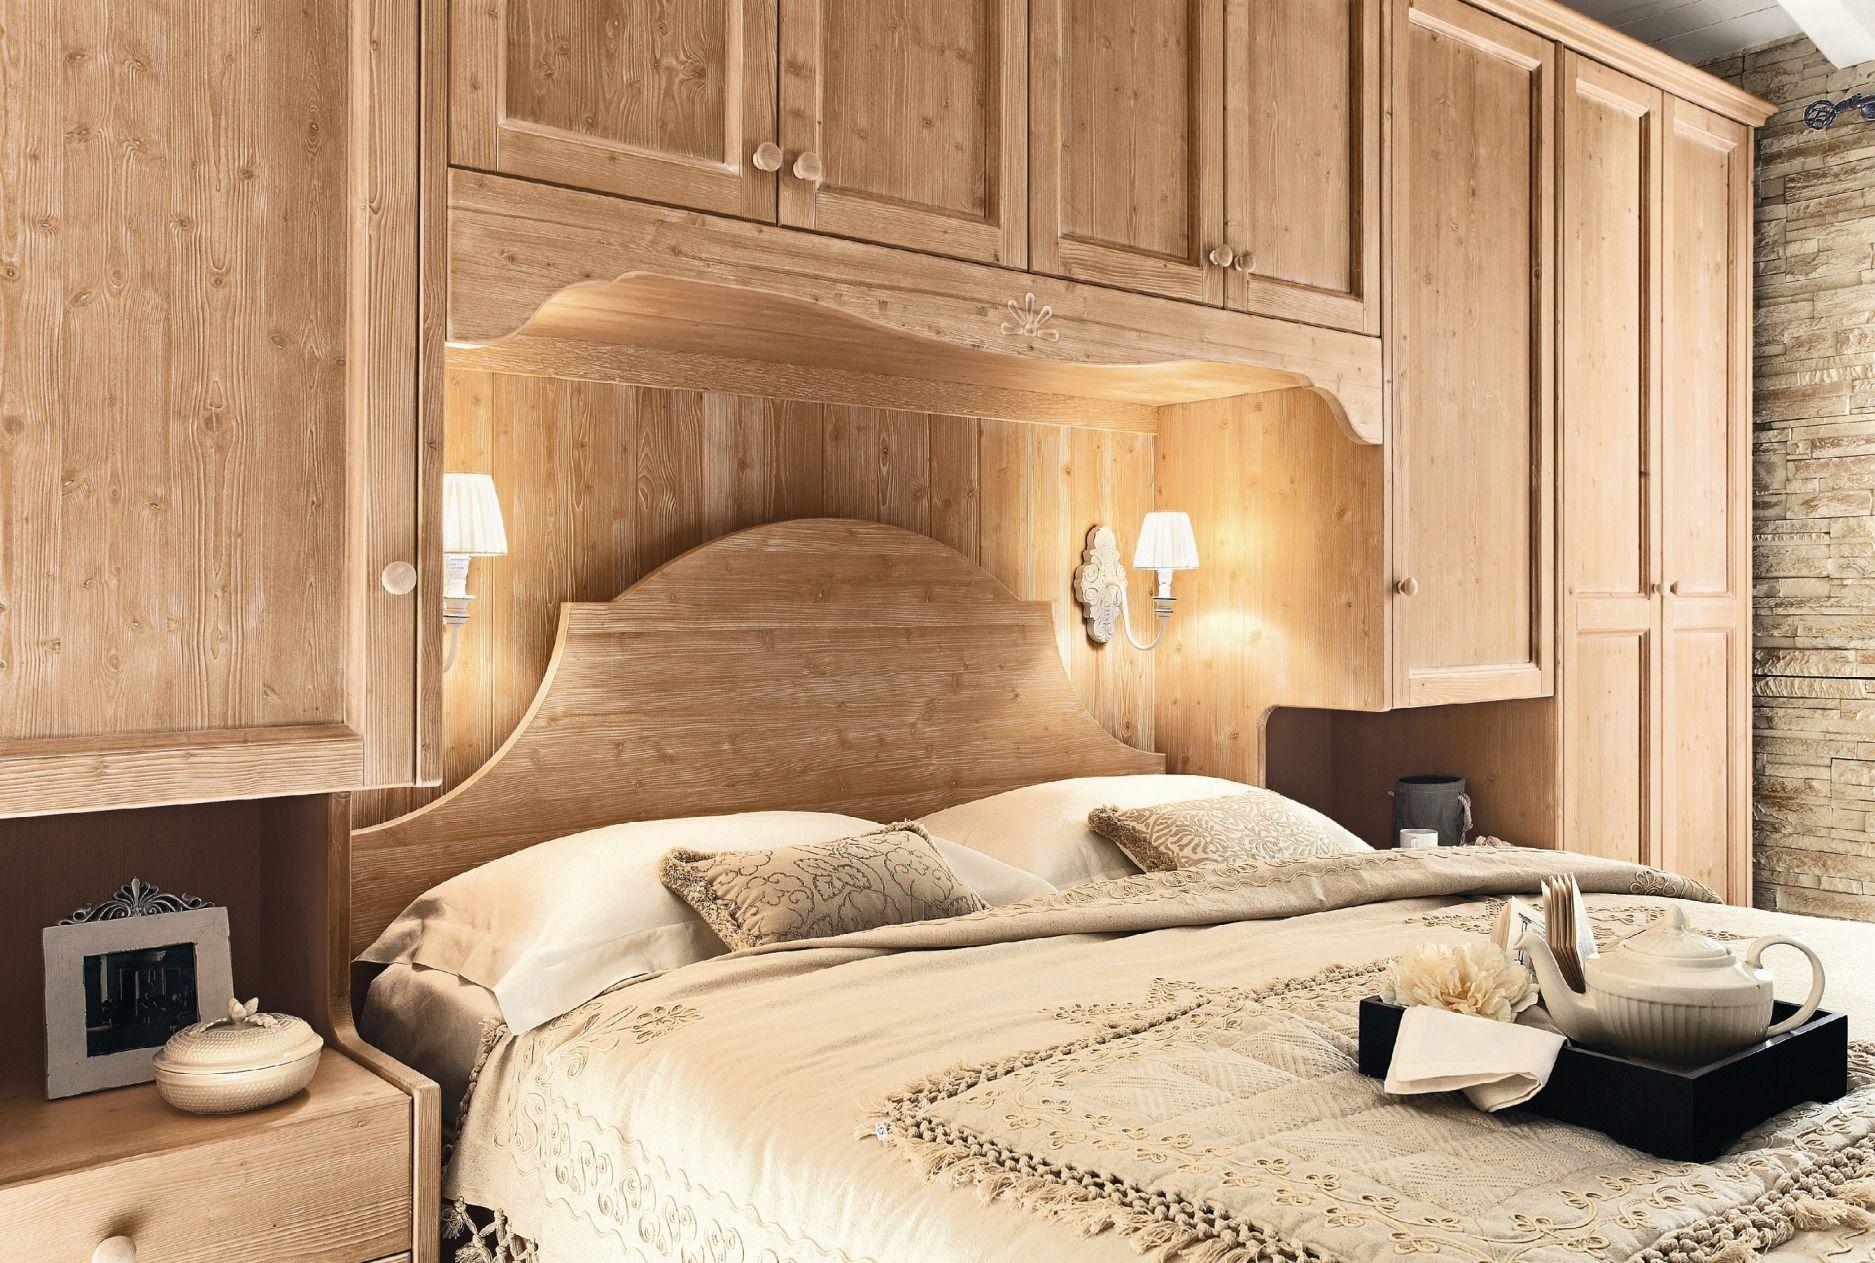 camere da letto. camera da letto in legno in stile country ...